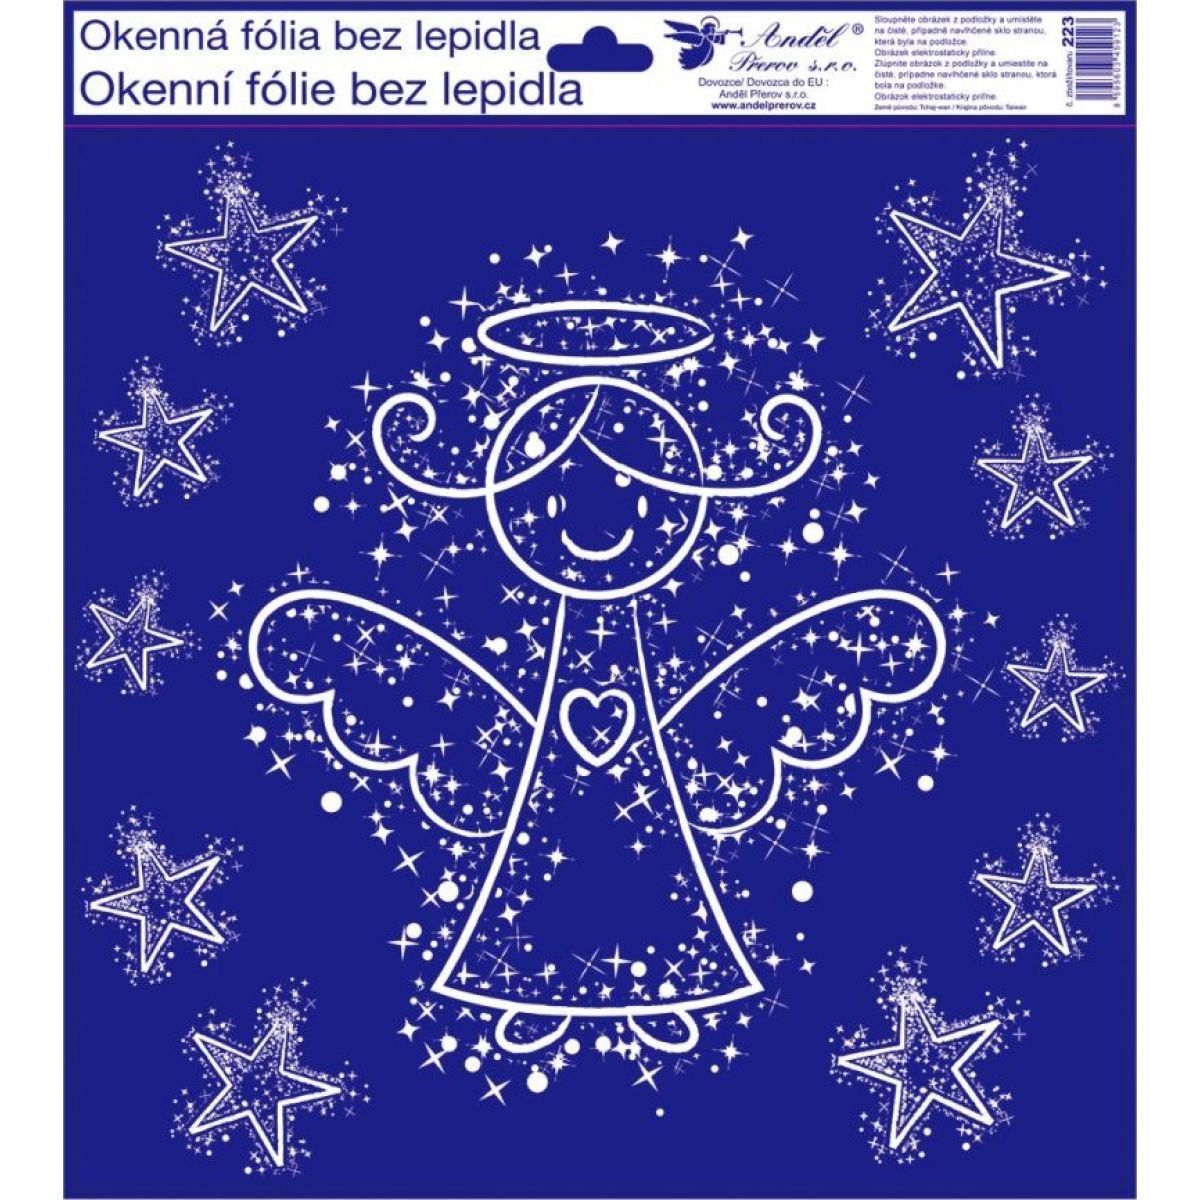 Anděl Okenní fólie 30 x 33,5 cm zimní motivy Andílek